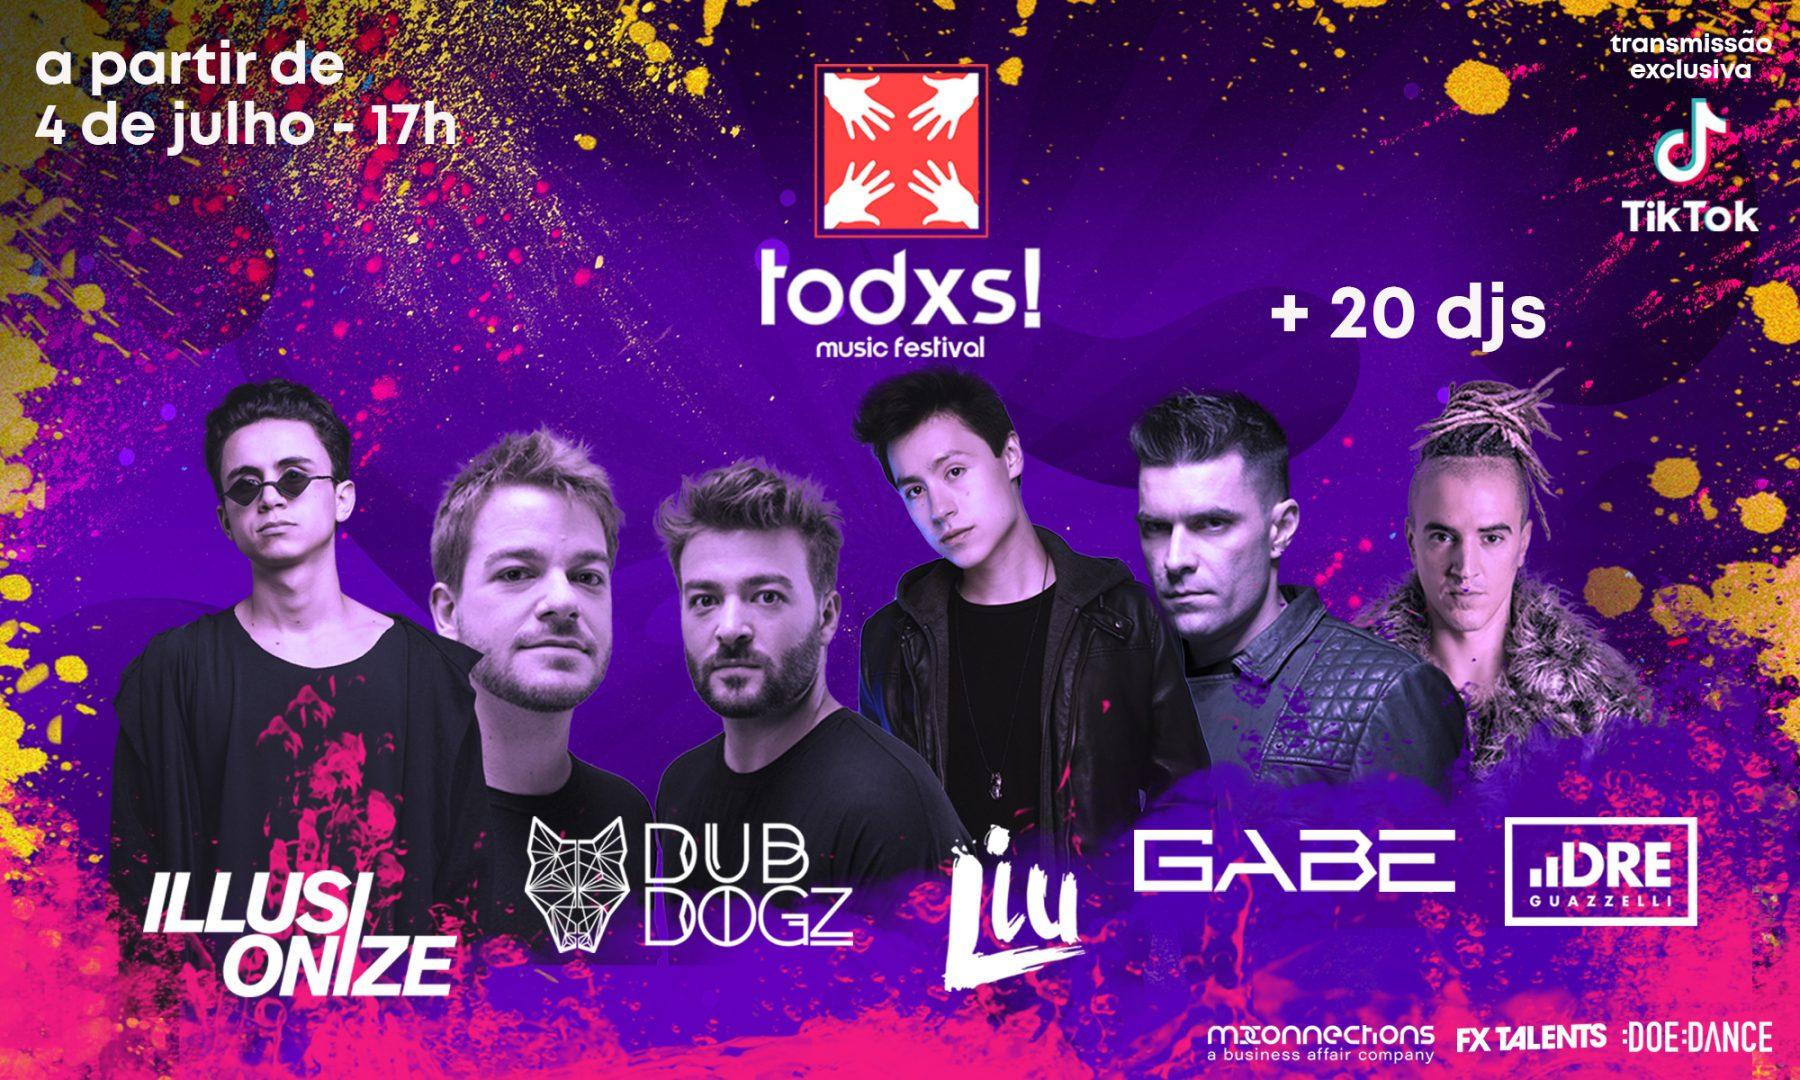 Maior Festival Online de Música Eletrônica do Brasil terá transmissão exclusiva no TikTok